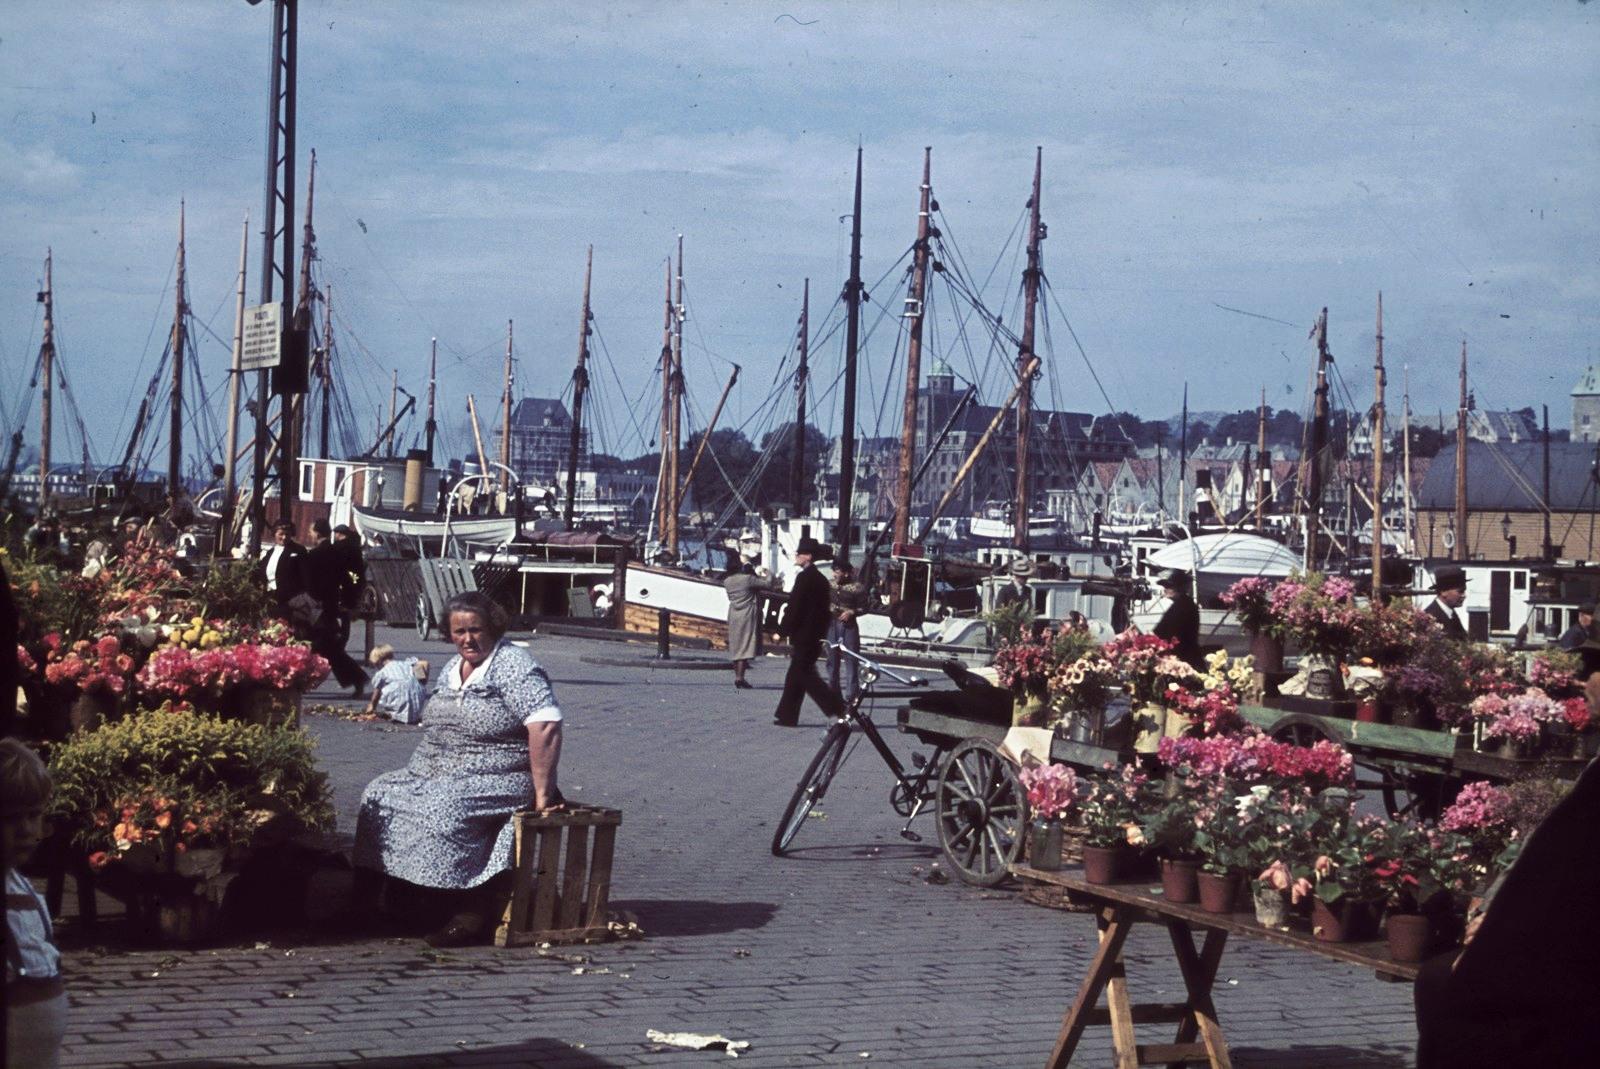 Осло. Цветочный рынок в порту